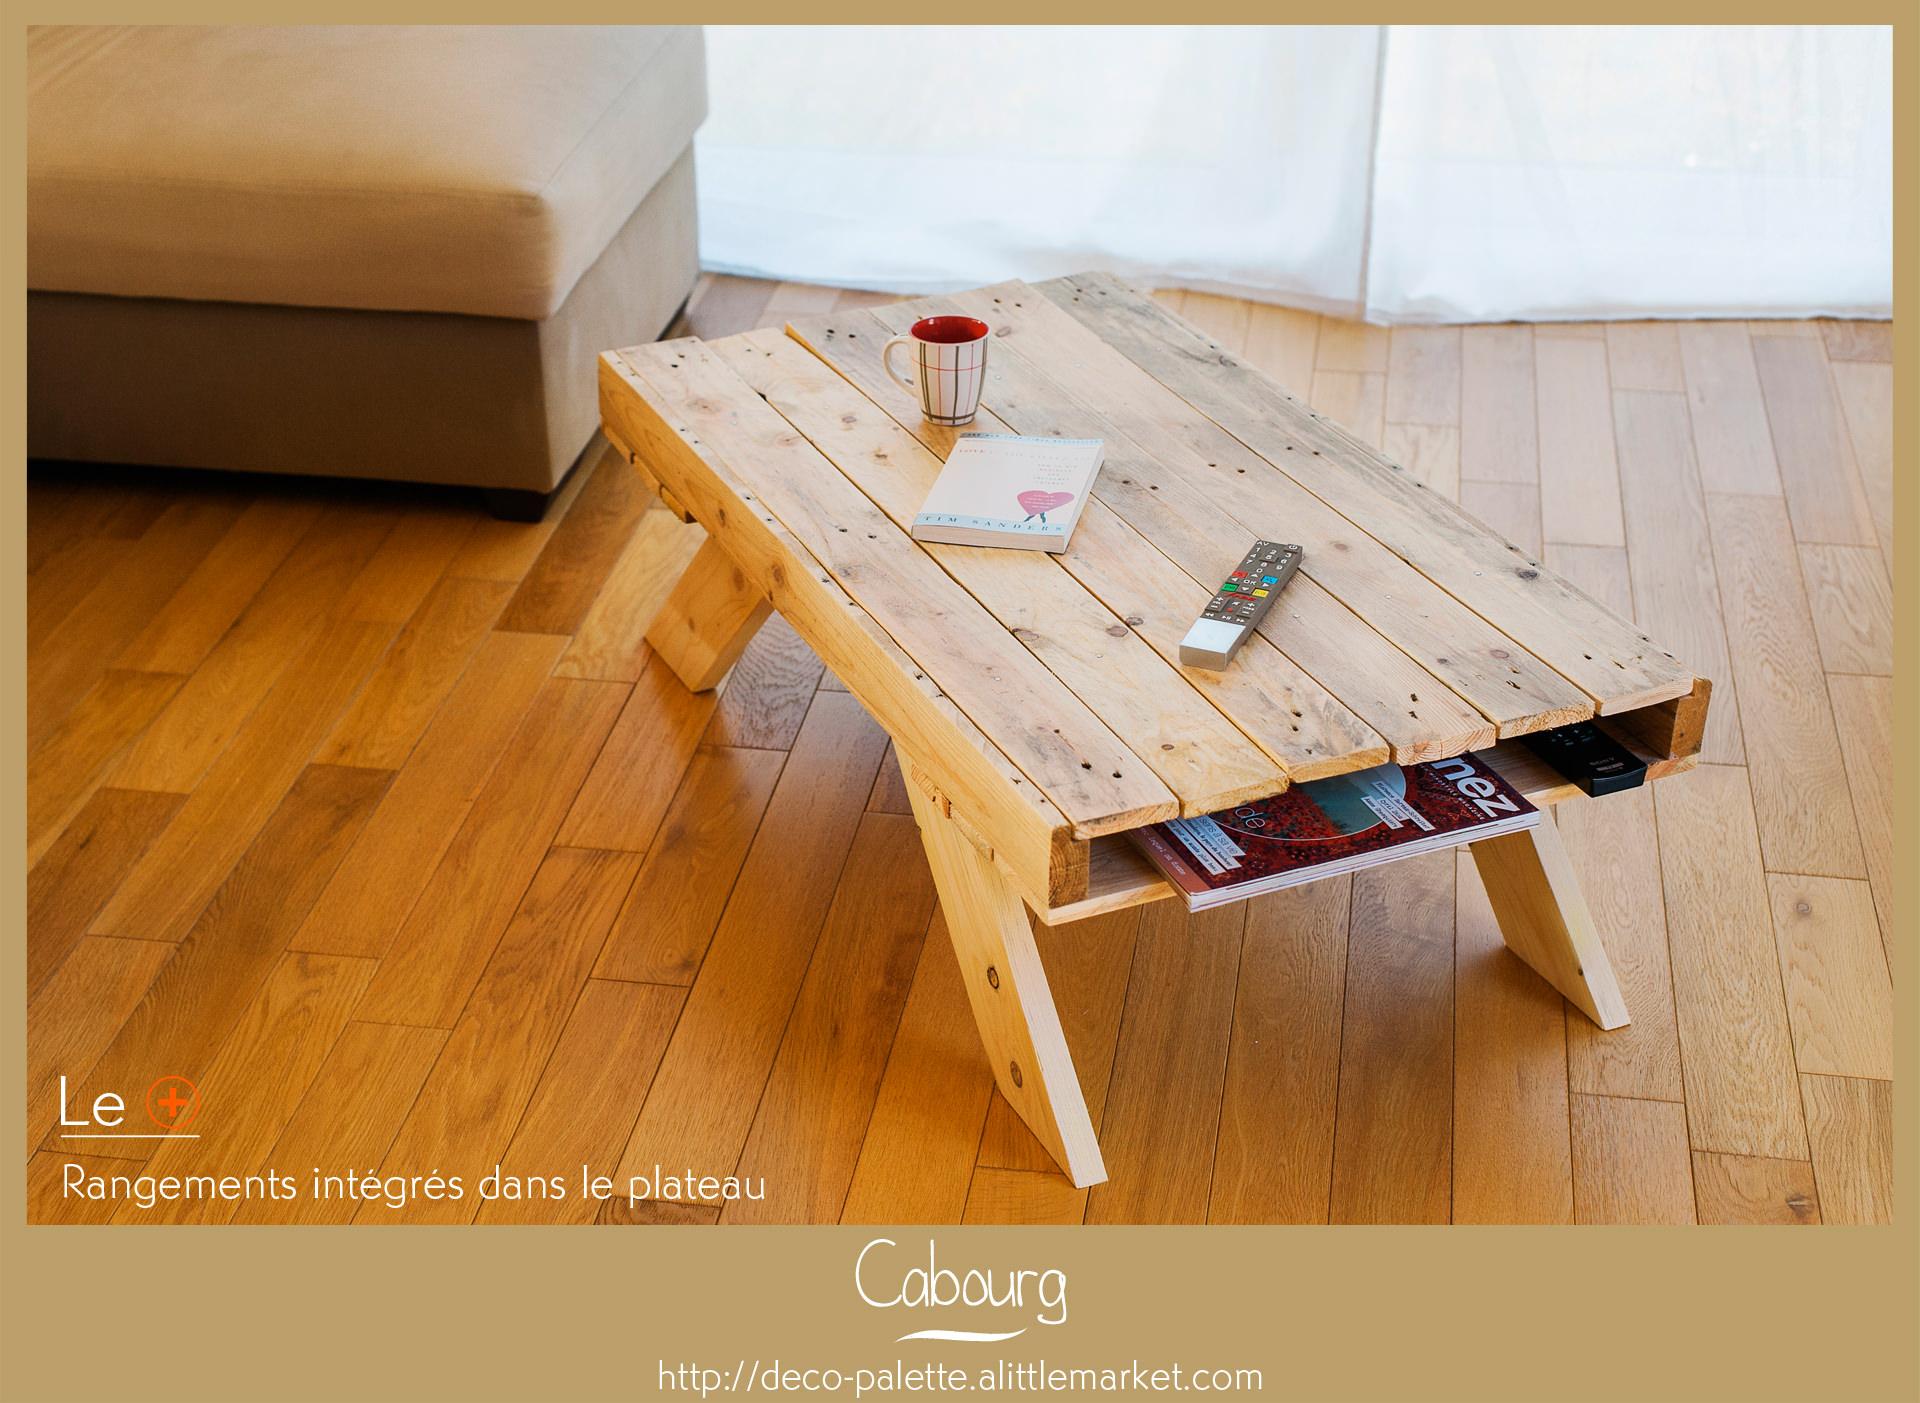 meubles sur-mesure, diy, fait main, made in 14, mobilier eco conçu, meubles écolo, mobilier design, table en bois, fabriqué en france, made in normandie, plateau avec rangements